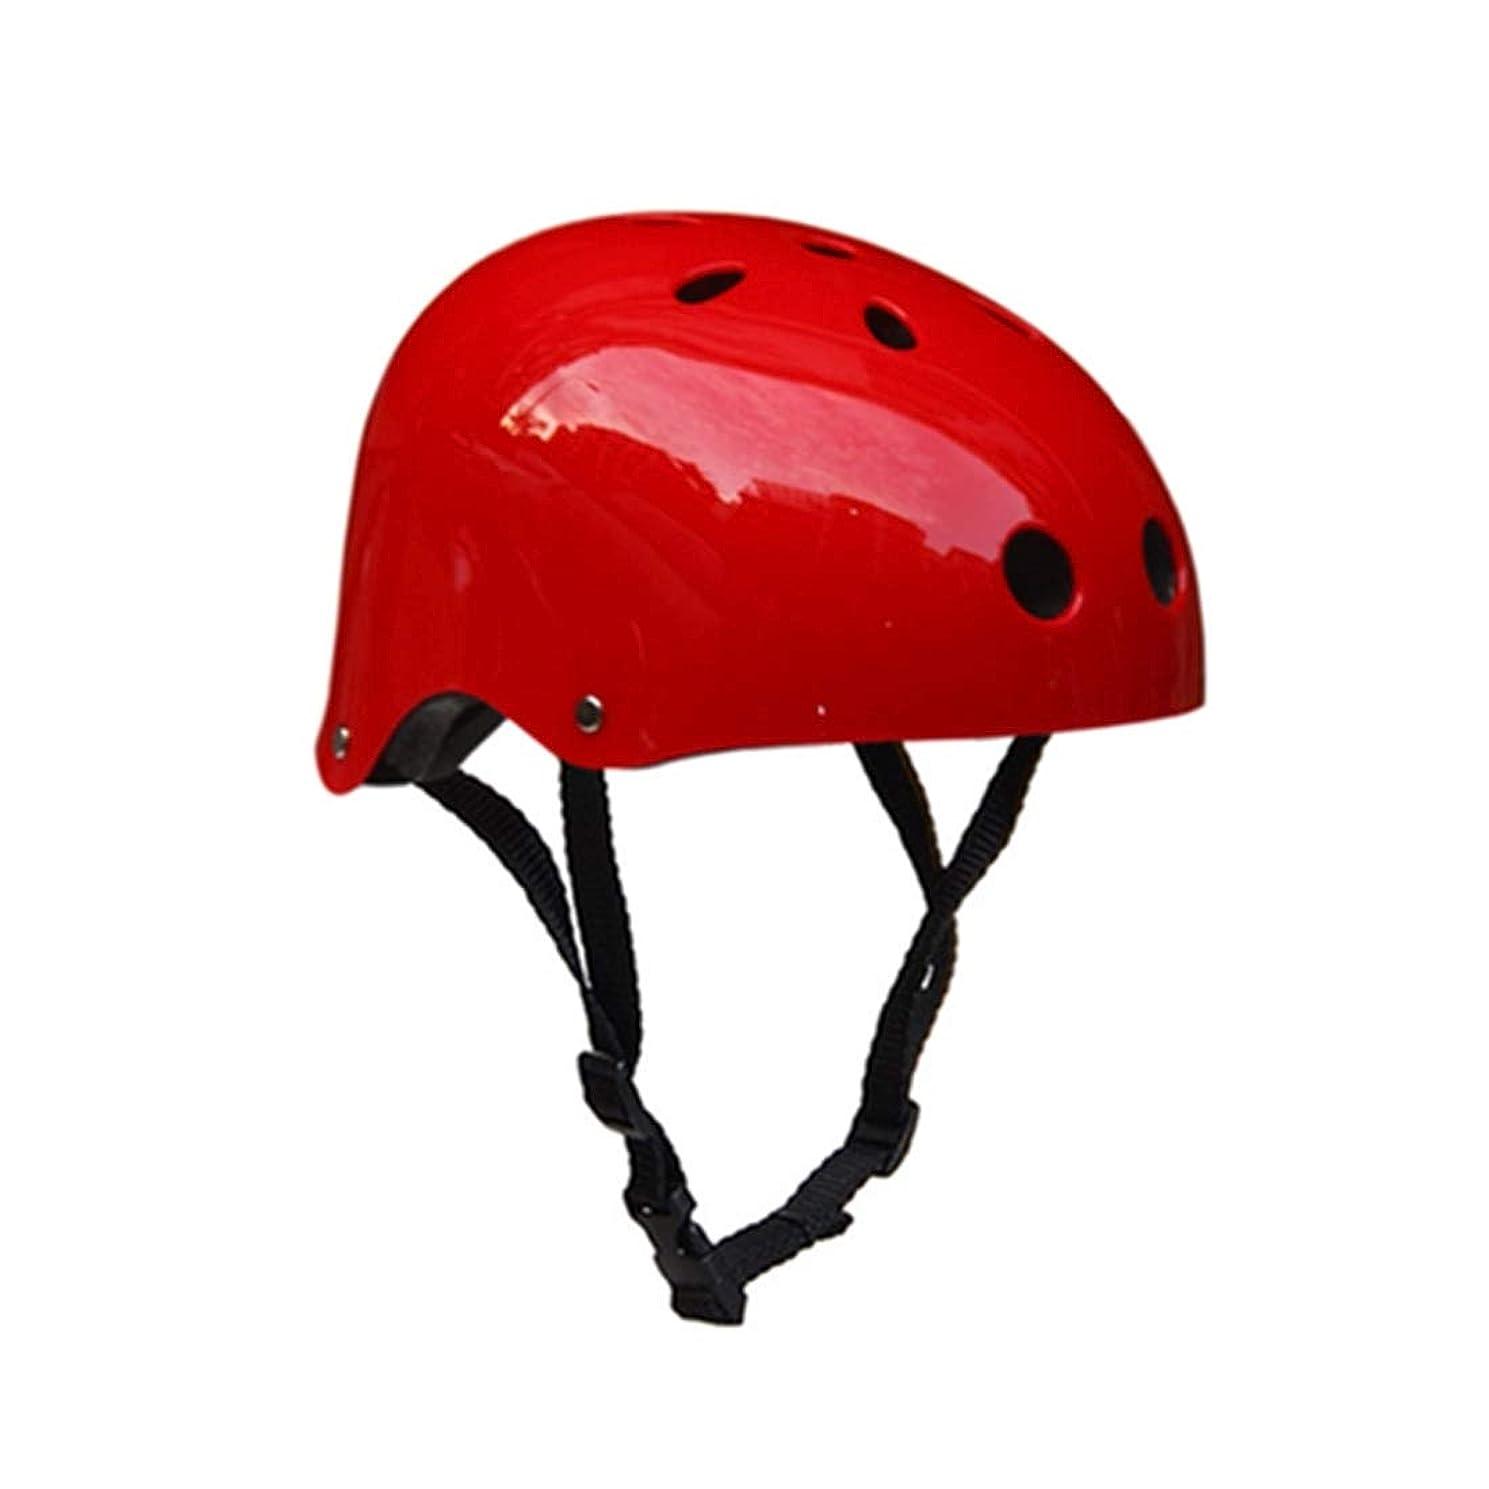 紛争ジャグリング愛情深いWTYDアウトドアツール 登山用具安全ヘルメット洞窟レスキュー子供大人用ヘルメット開発アウトドアハイキングスキー用品適切な頭囲:50-54cm、サイズ:S 自転車の部品